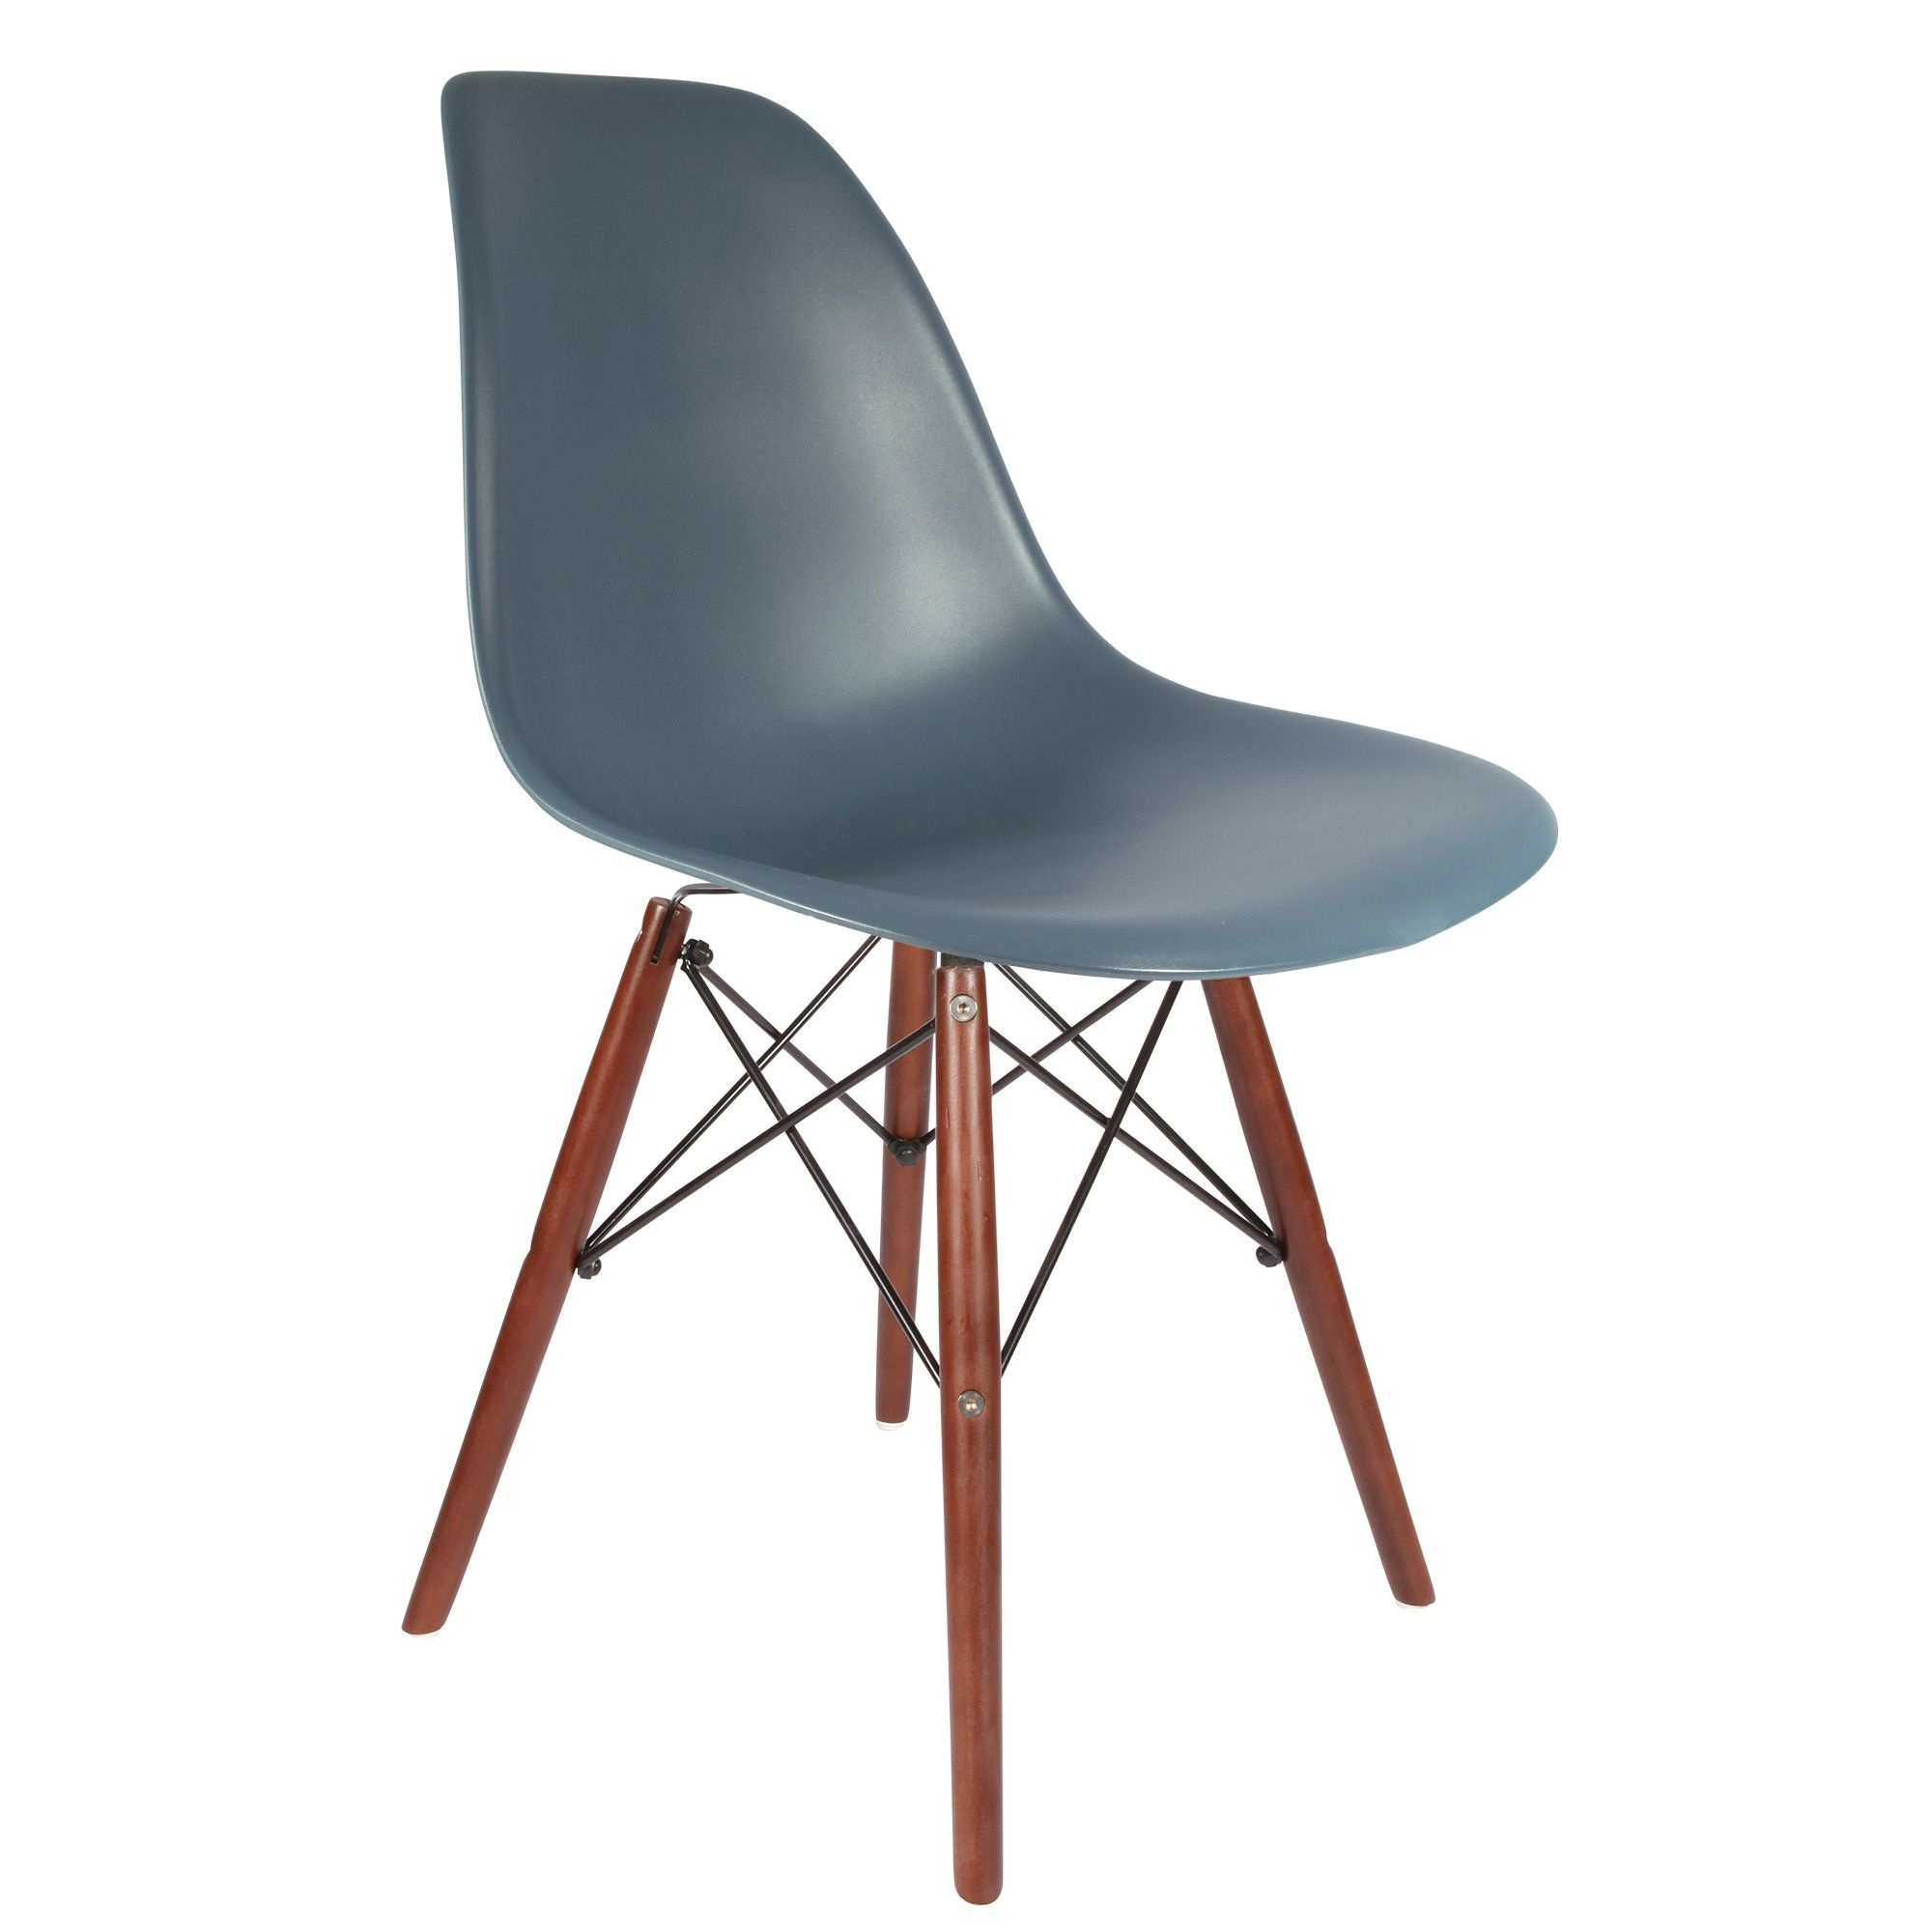 Chaise Design Dsw Pieds En Noyer Eames En 2020 Chaise Design Chaise Chaise Dsw